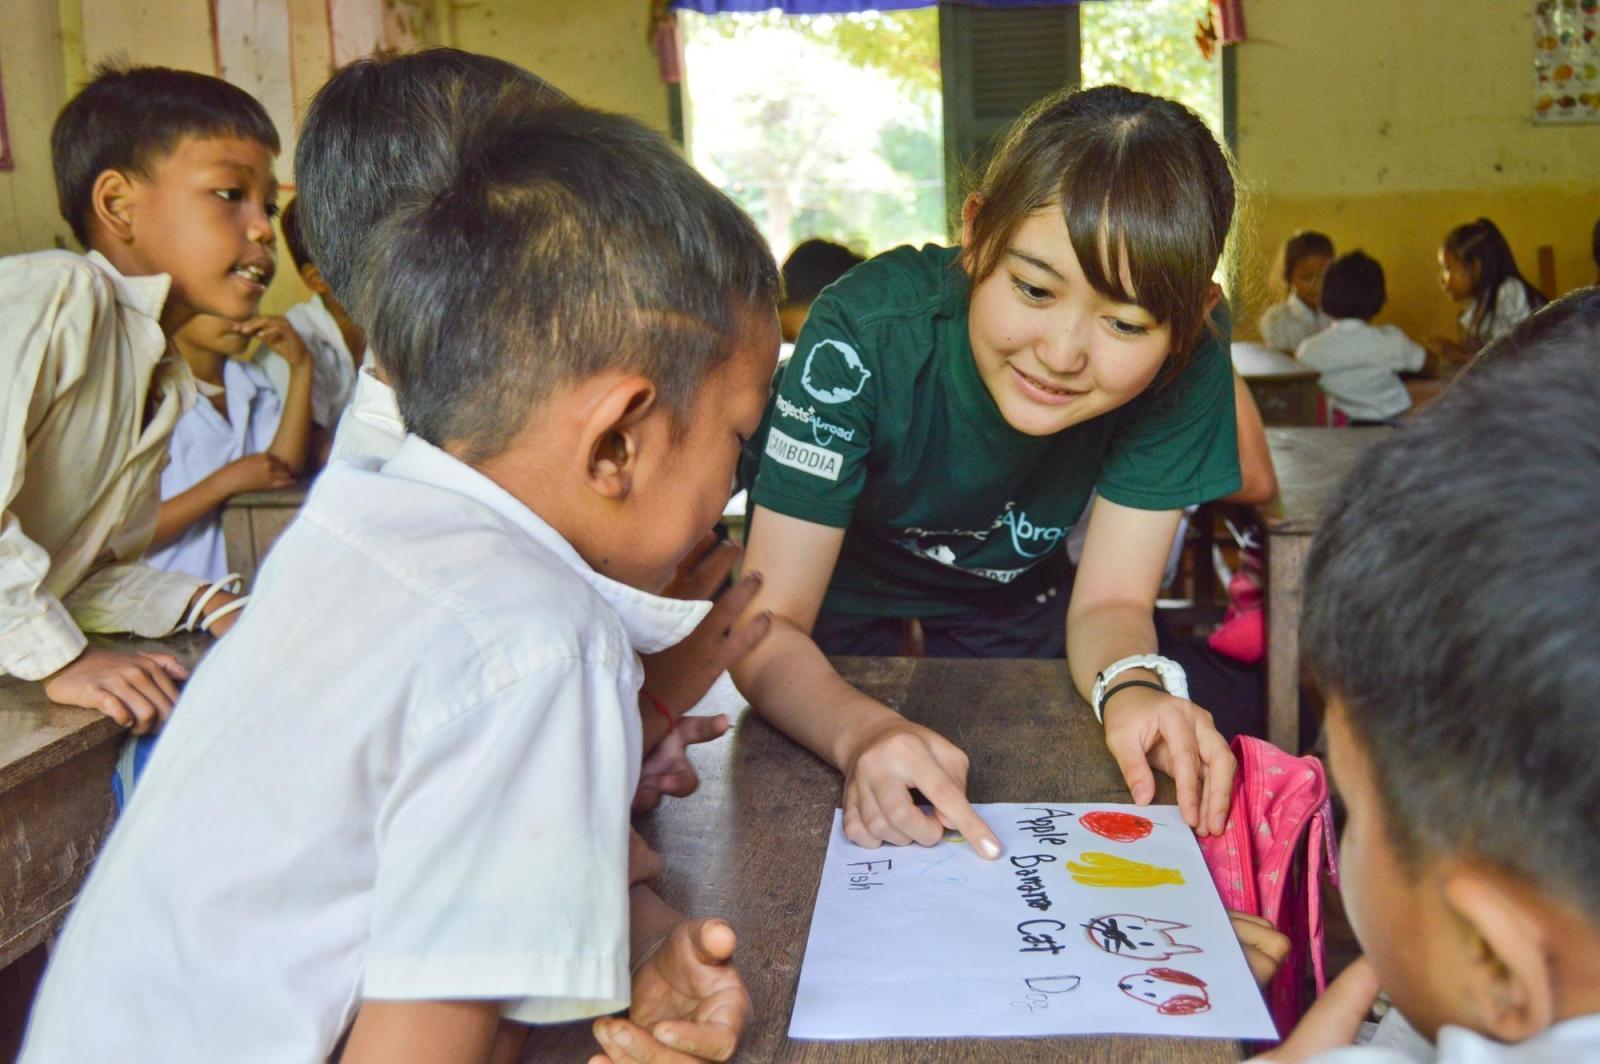 トビタテ奨学金を利用して、カンボジアの子供たちの学習の補助に取り組む高校生ボランティア